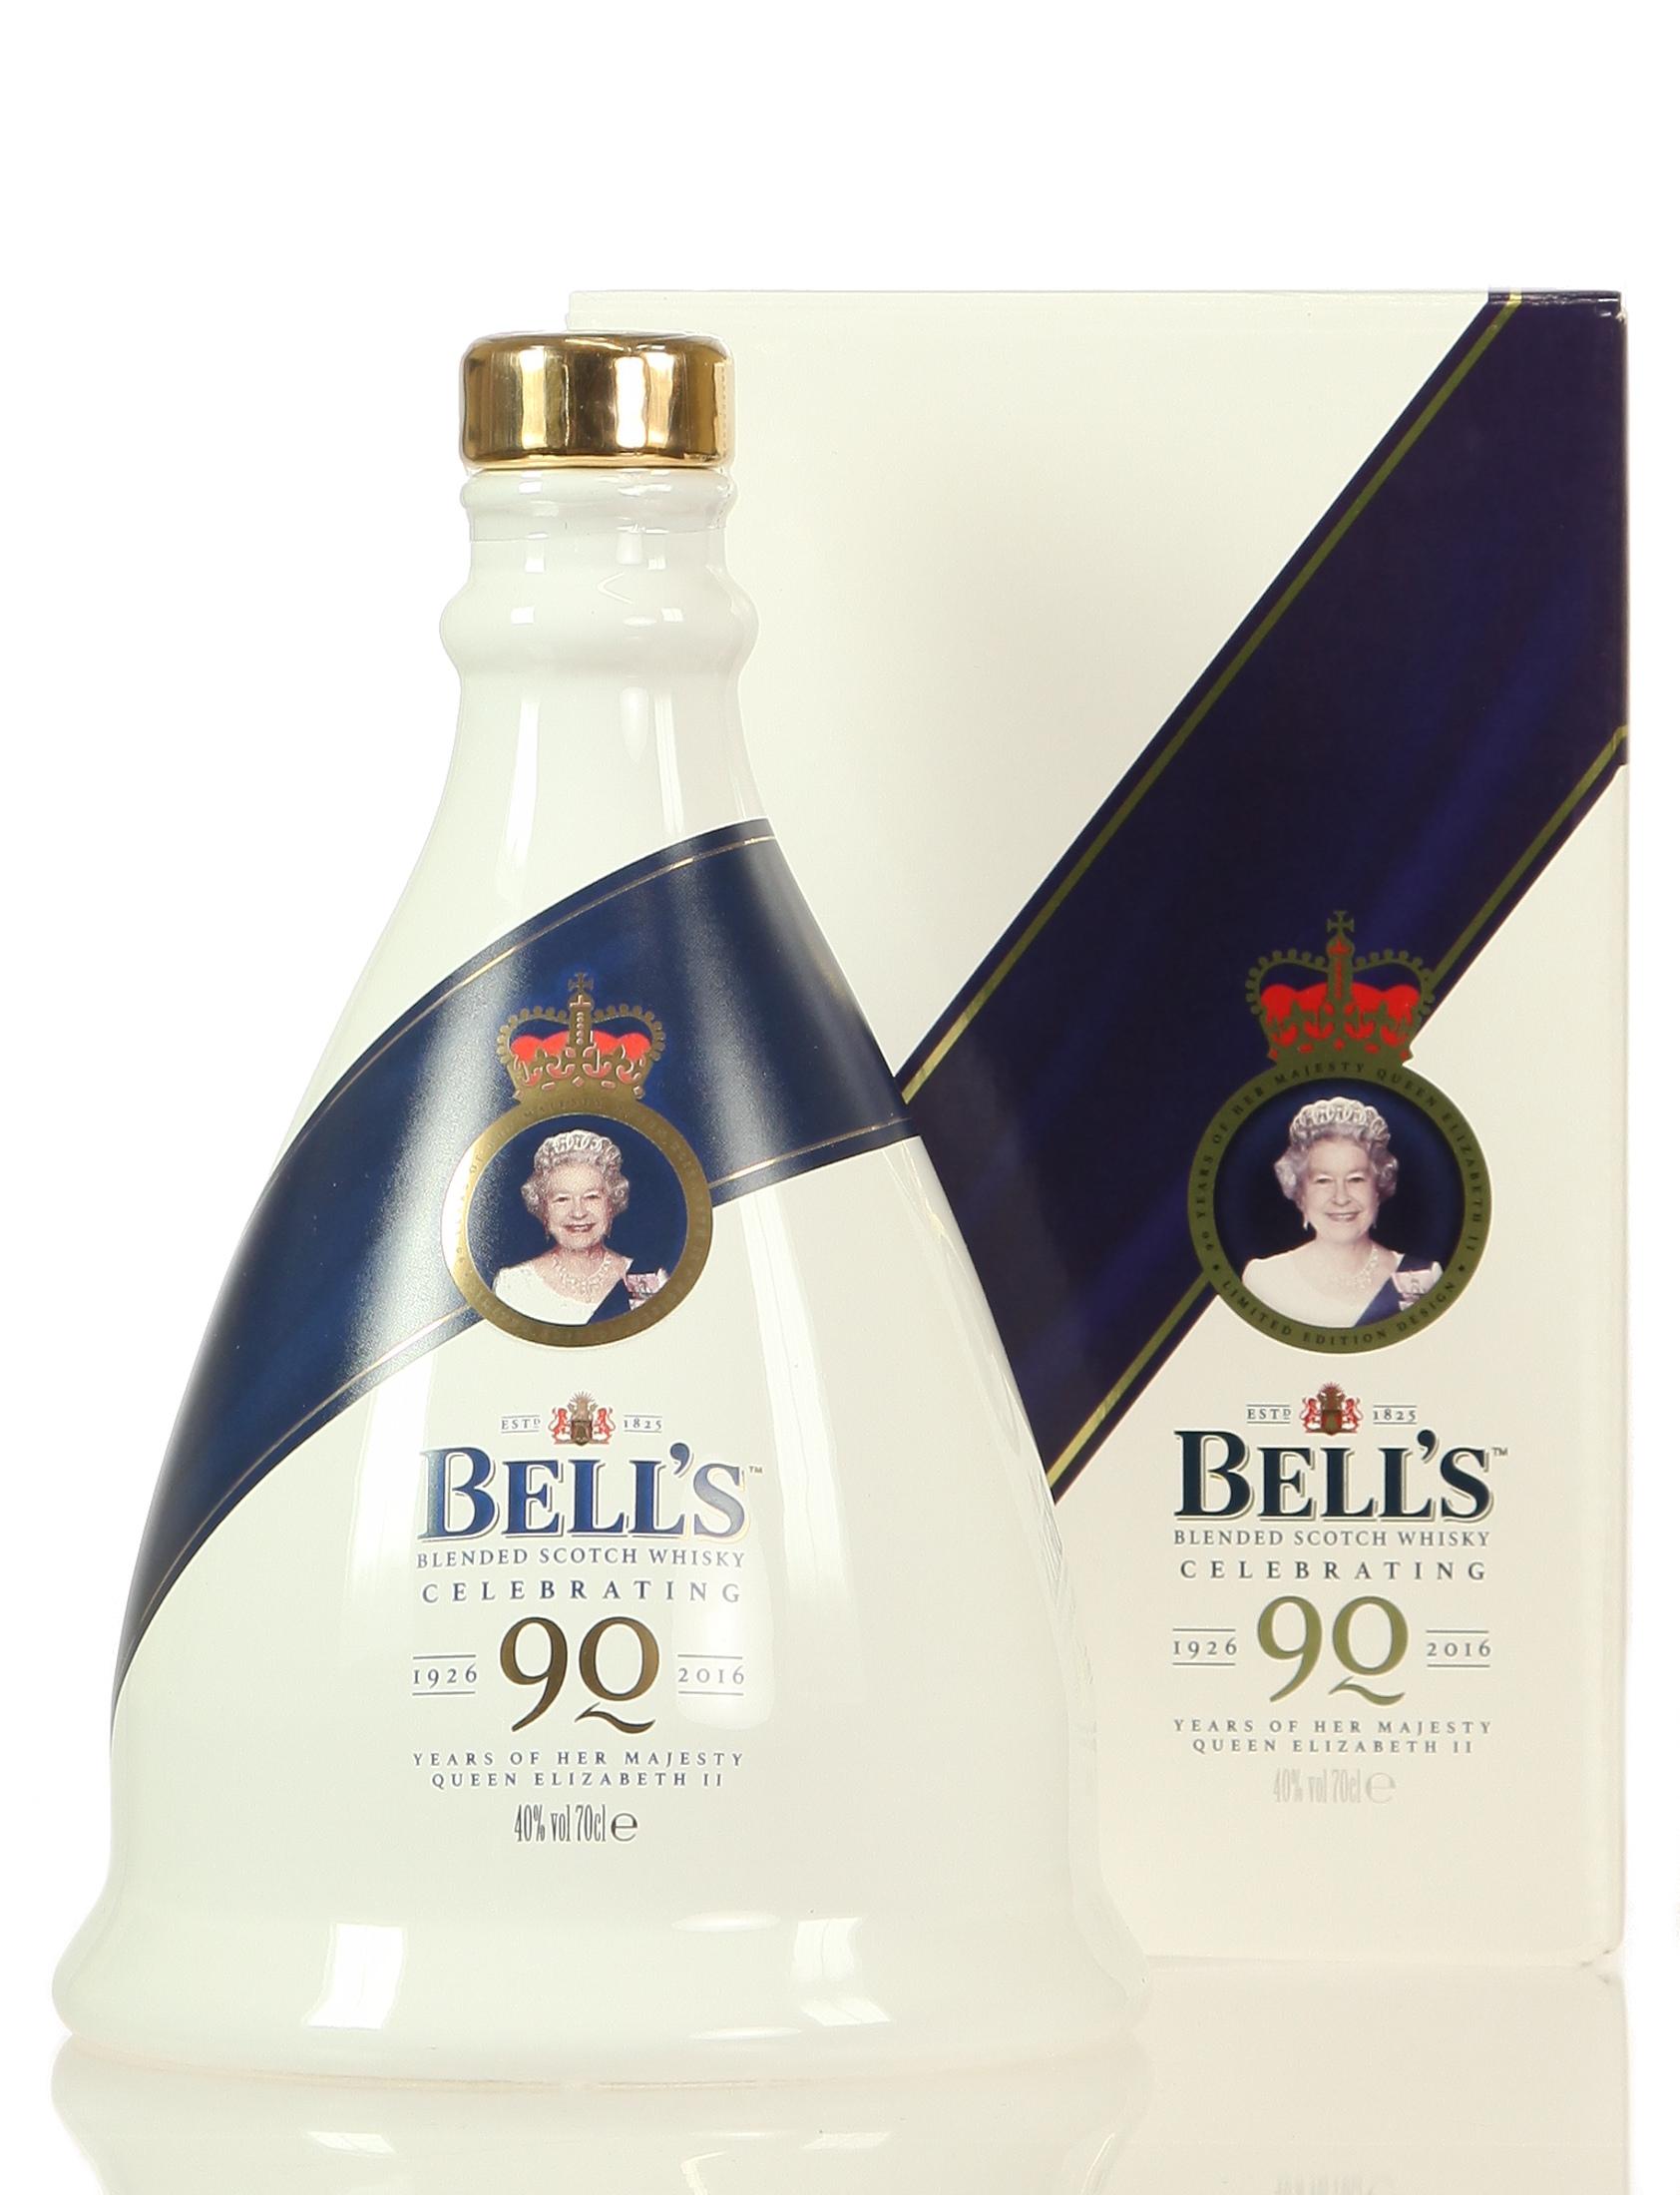 Bell's Queen Elizabeth II 90th Birthday